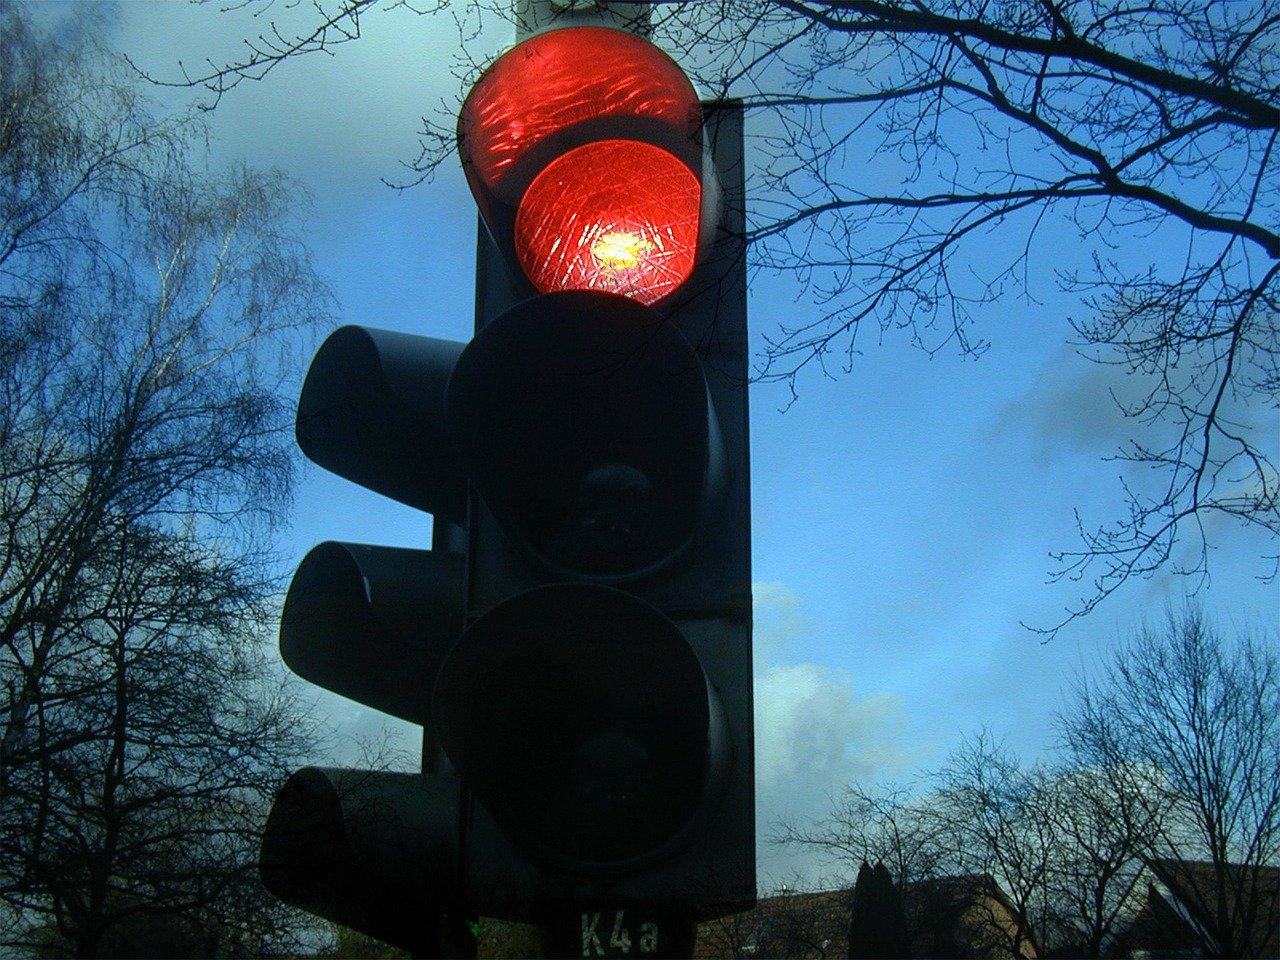 Uletio u raskrižje na crvenom i izazvao prometnu nesreću